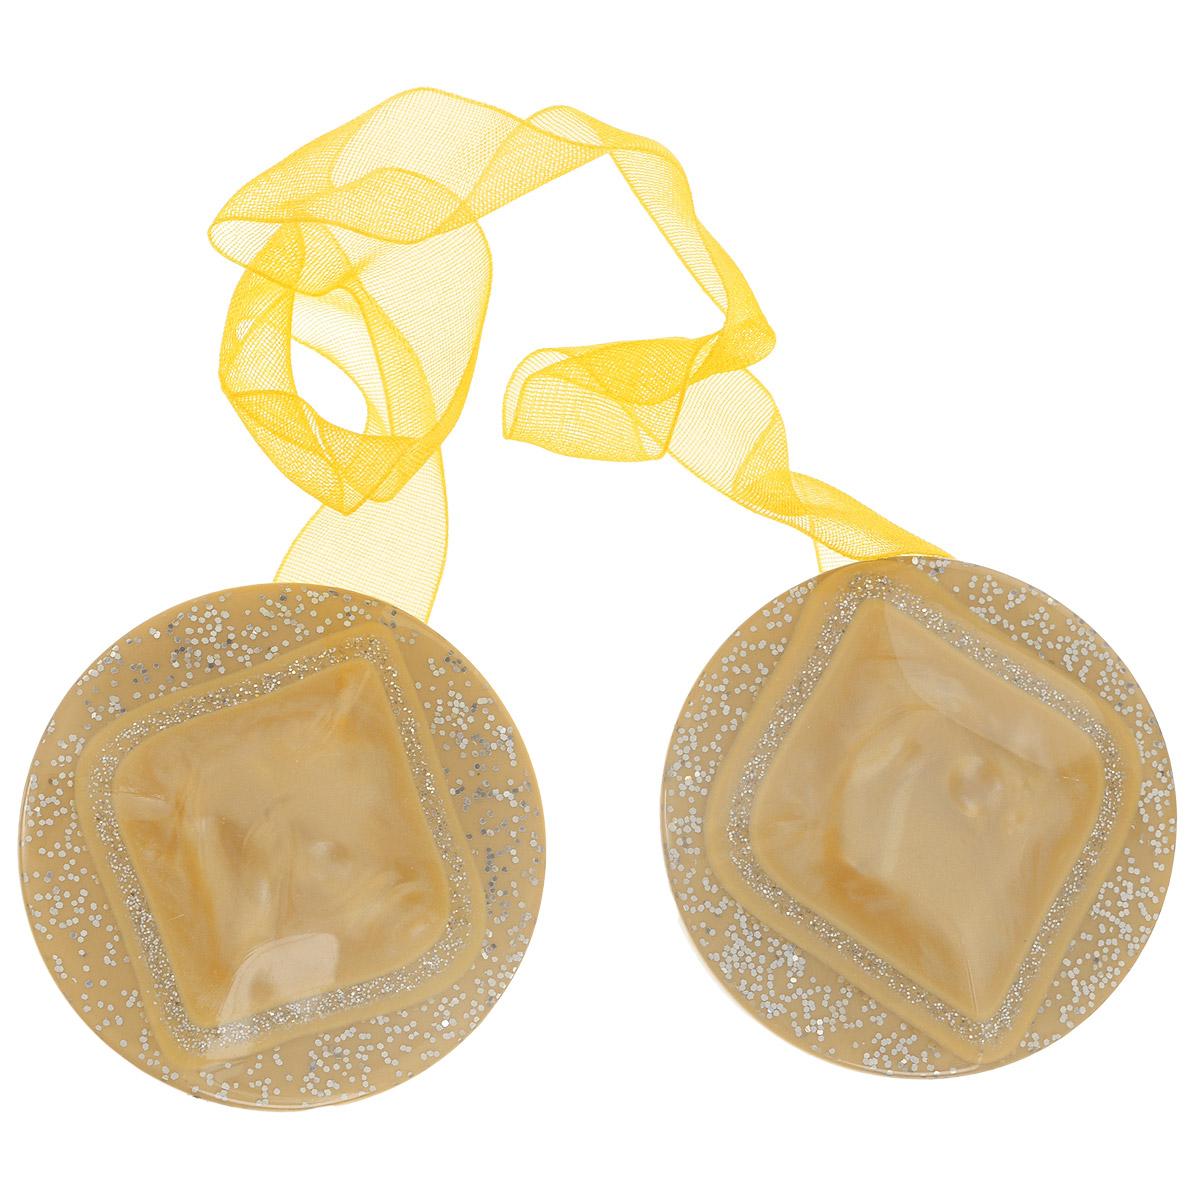 Клипса-магнит для штор Calamita Fiore, цвет: песочный. 7704019_7057704019_705Клипса-магнит Calamita Fiore, изготовленная из пластика и текстиля, предназначена для придания формы шторам. Изделие, декорированное блестками, представляет собой два магнита круглой формы, расположенные на разных концах текстильной ленты. С помощью такой магнитной клипсы можно зафиксировать портьеры, придать им требуемое положение, сделать складки симметричными или приблизить портьеры, скрепить их. Клипсы для штор являются универсальным изделием, которое превосходно подойдет как для штор в детской комнате, так и для штор в гостиной. Следует отметить, что клипсы для штор выполняют не только практическую функцию, но также являются одной из основных деталей декора этого изделия, которая придает шторам восхитительный, стильный внешний вид. Материал: пластик, магнит, полиэстер.Диаметр клипсы: 4 см.Длина ленты: 28 см.